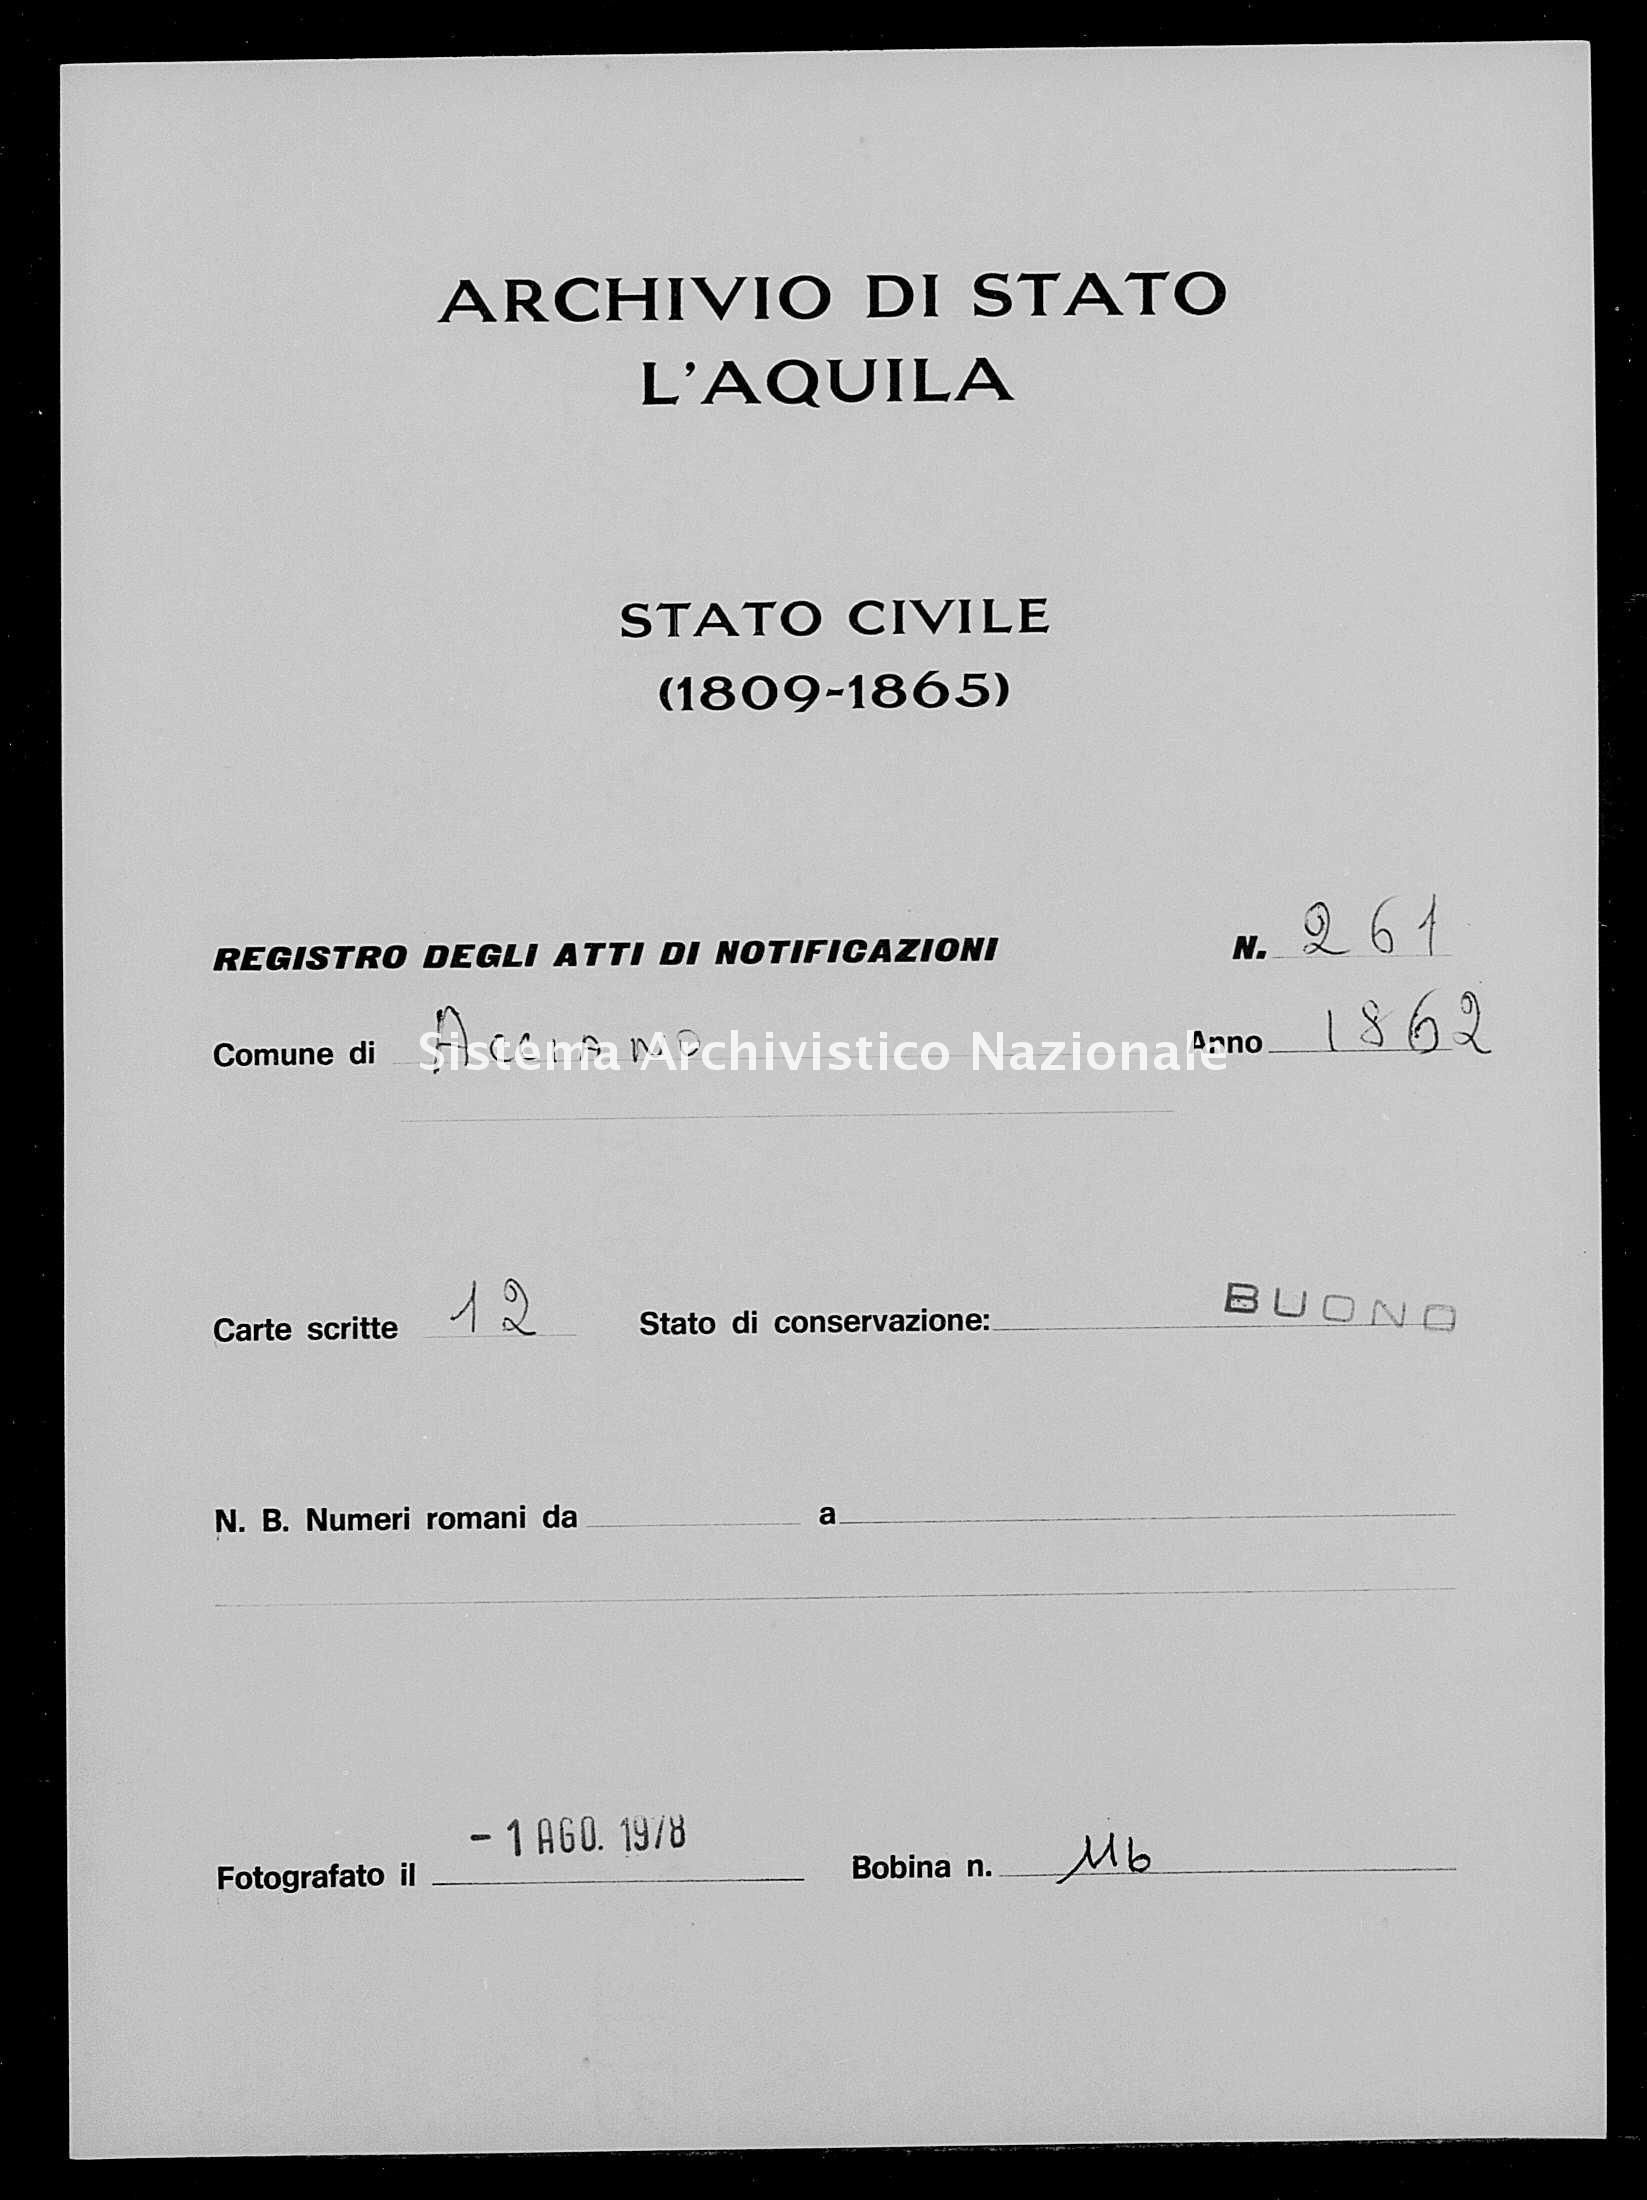 Archivio di stato di L'aquila - Stato civile italiano - Acciano - Matrimoni, memorandum notificazioni ed opposizioni - 1862 - 261 -